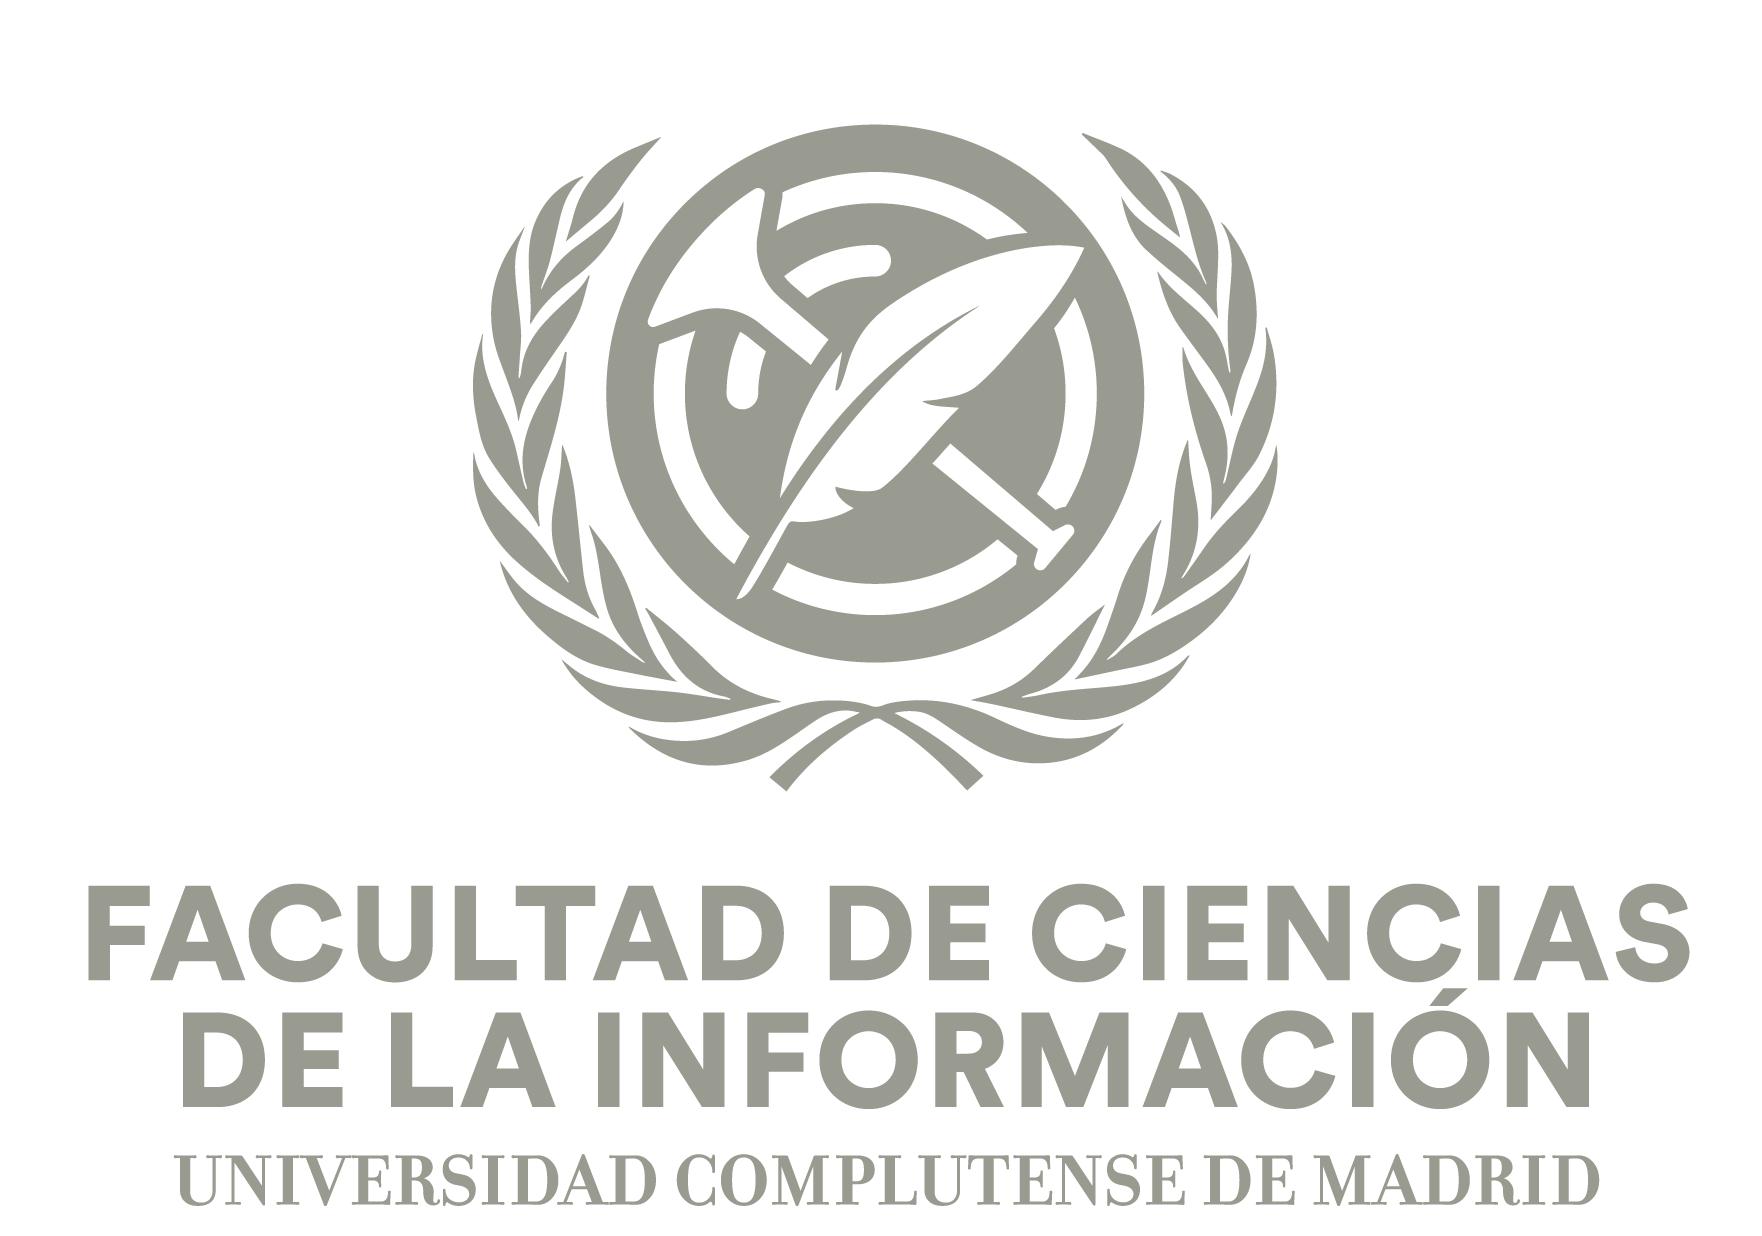 Logotipo Facultad Ciencias de la Información